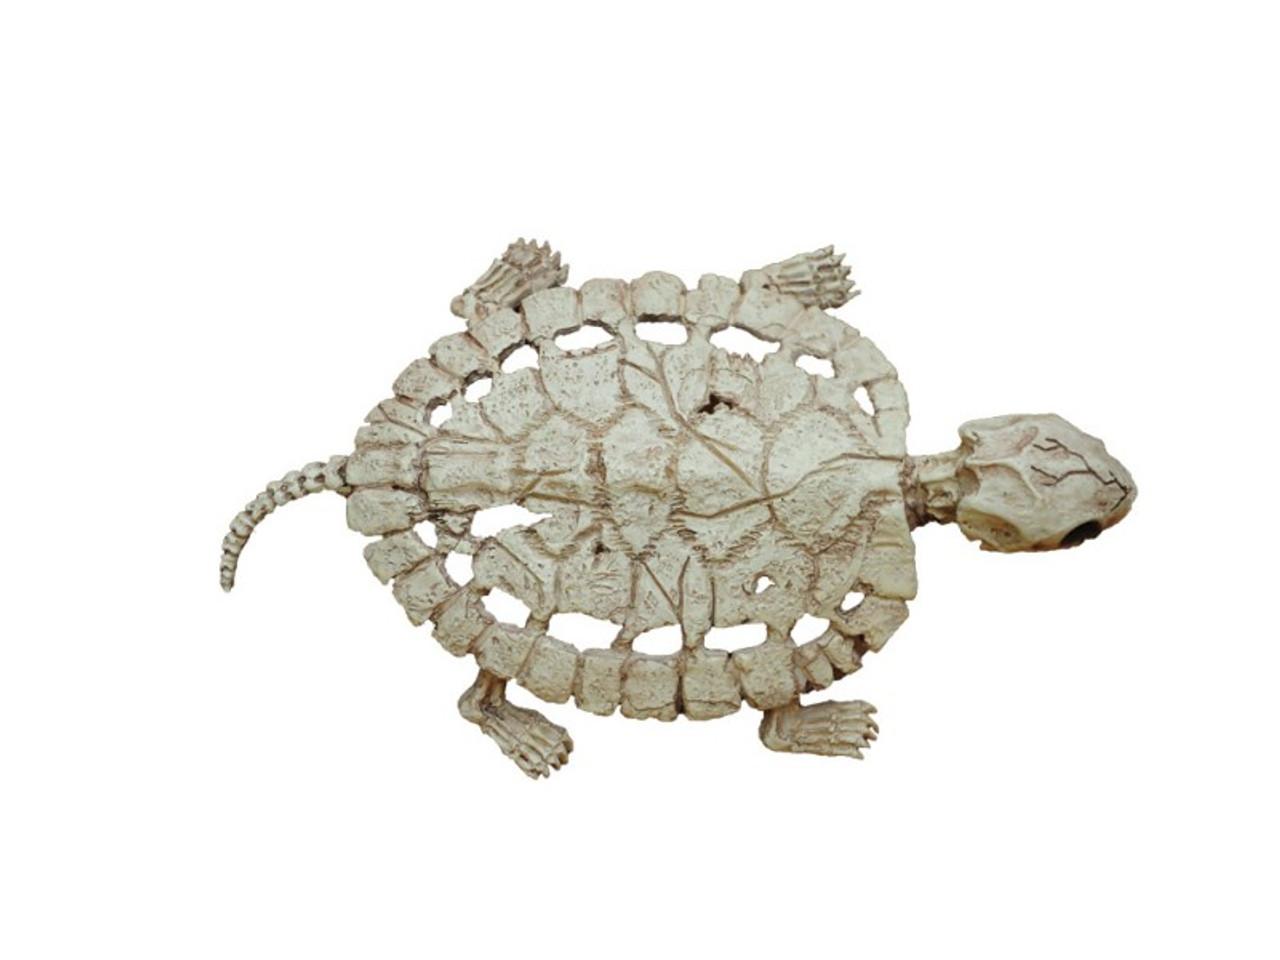 Turtle Skeleton | Cheap Halloween Skeleton Decor Save (25%)